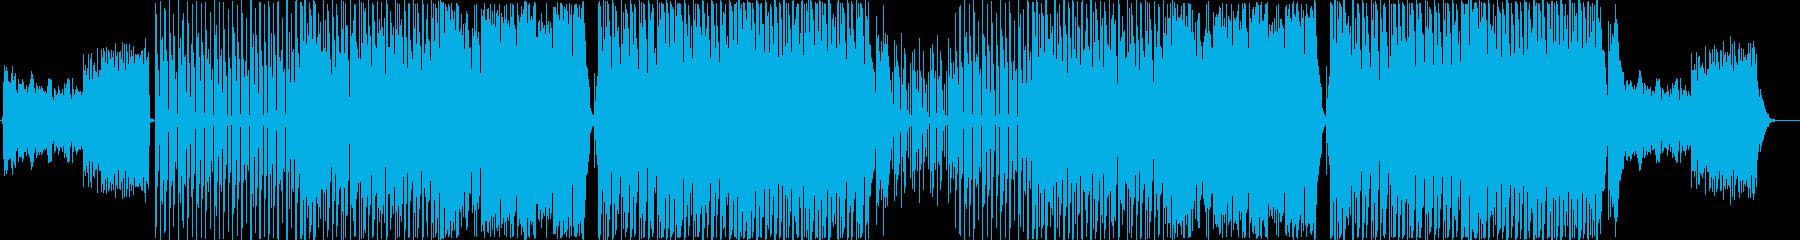 宇宙っぽいダンサブルガールズK-Pop♫の再生済みの波形